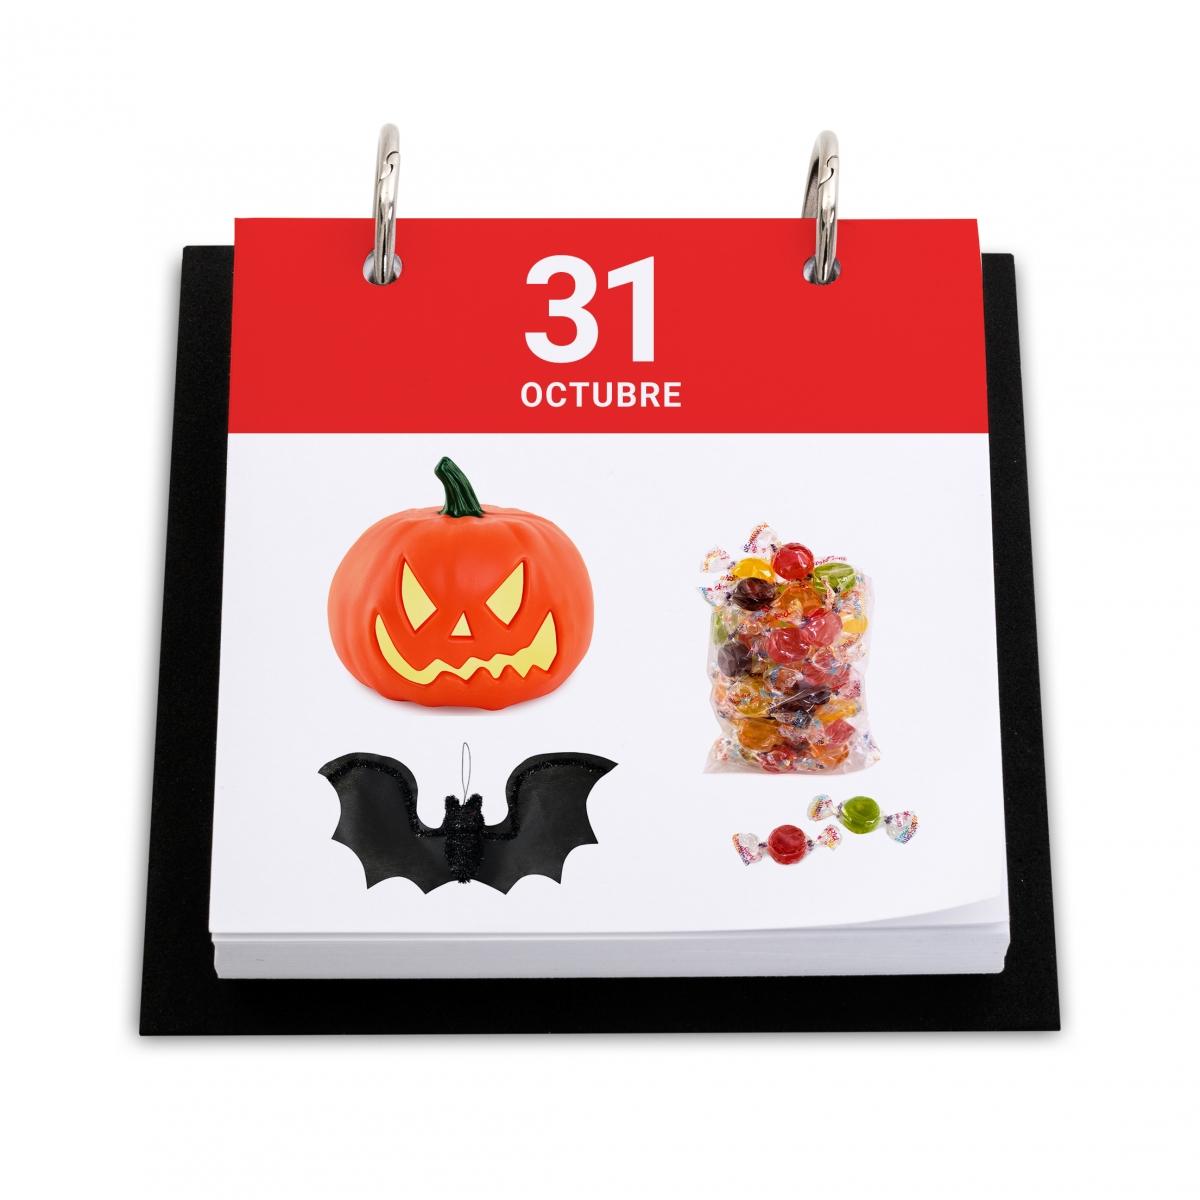 Imagen en la que se ve un calendario con el día de Halloween